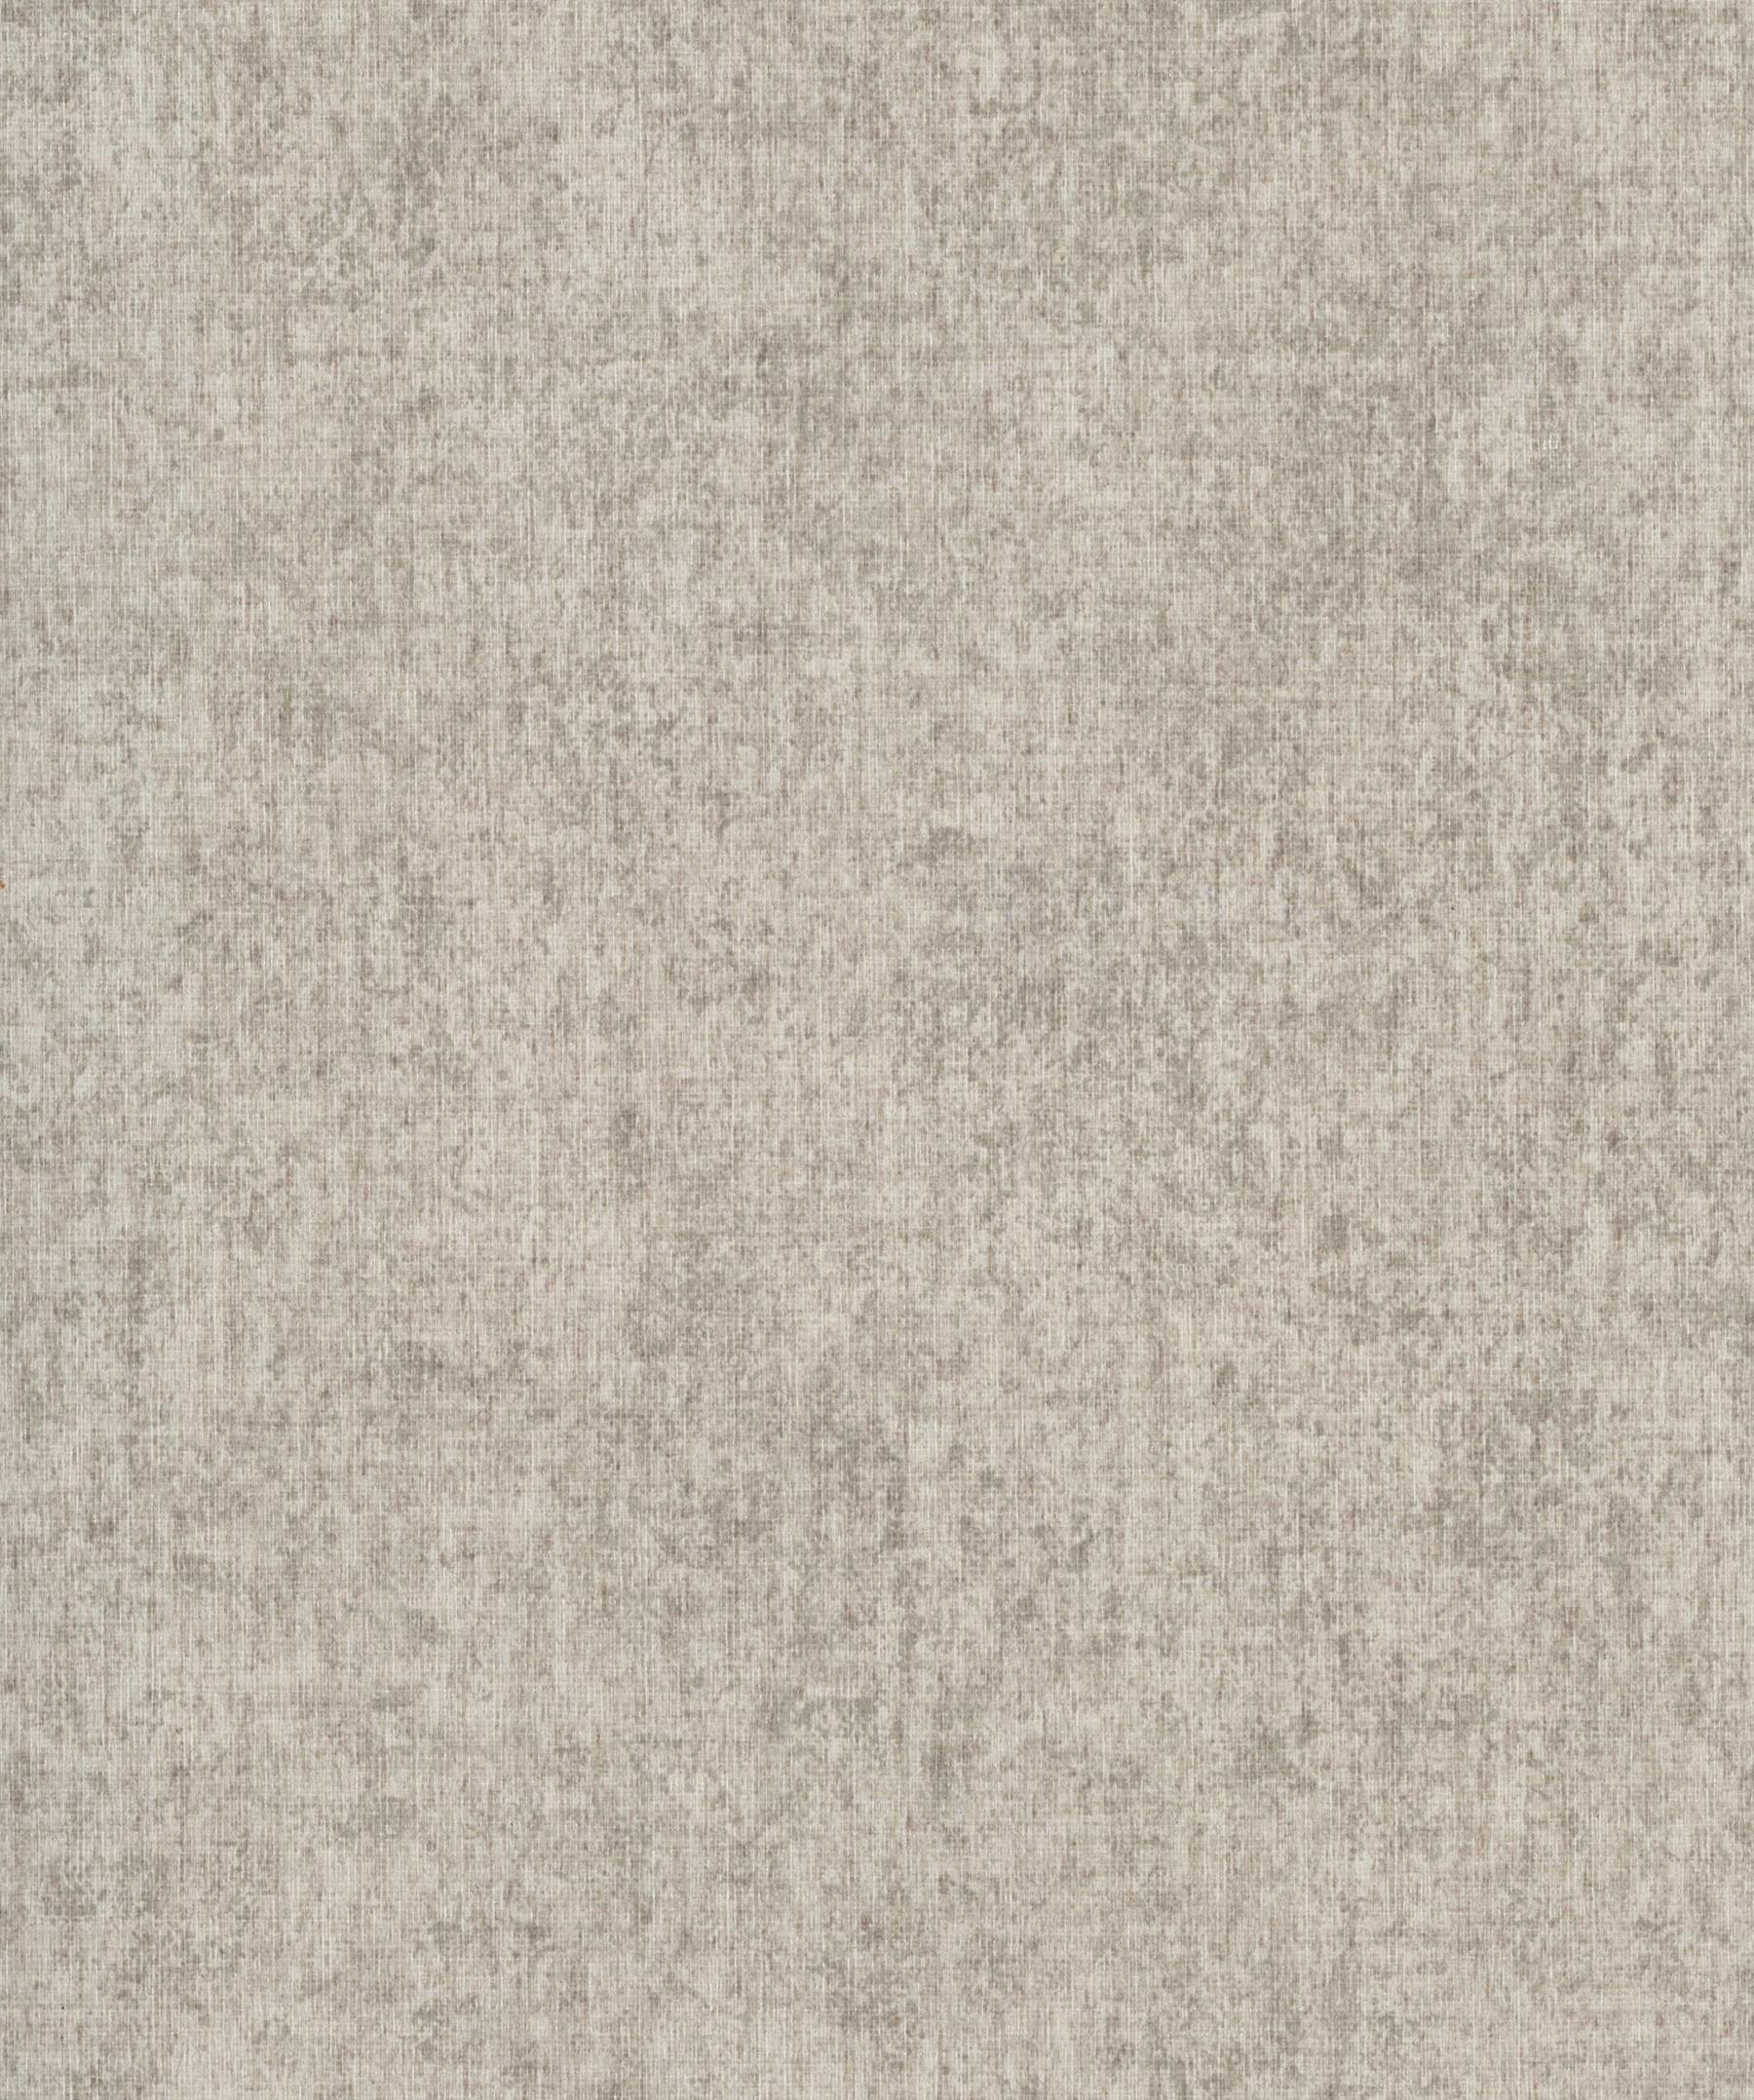 Picture of Brienne Khaki Linen Texture Wallpaper